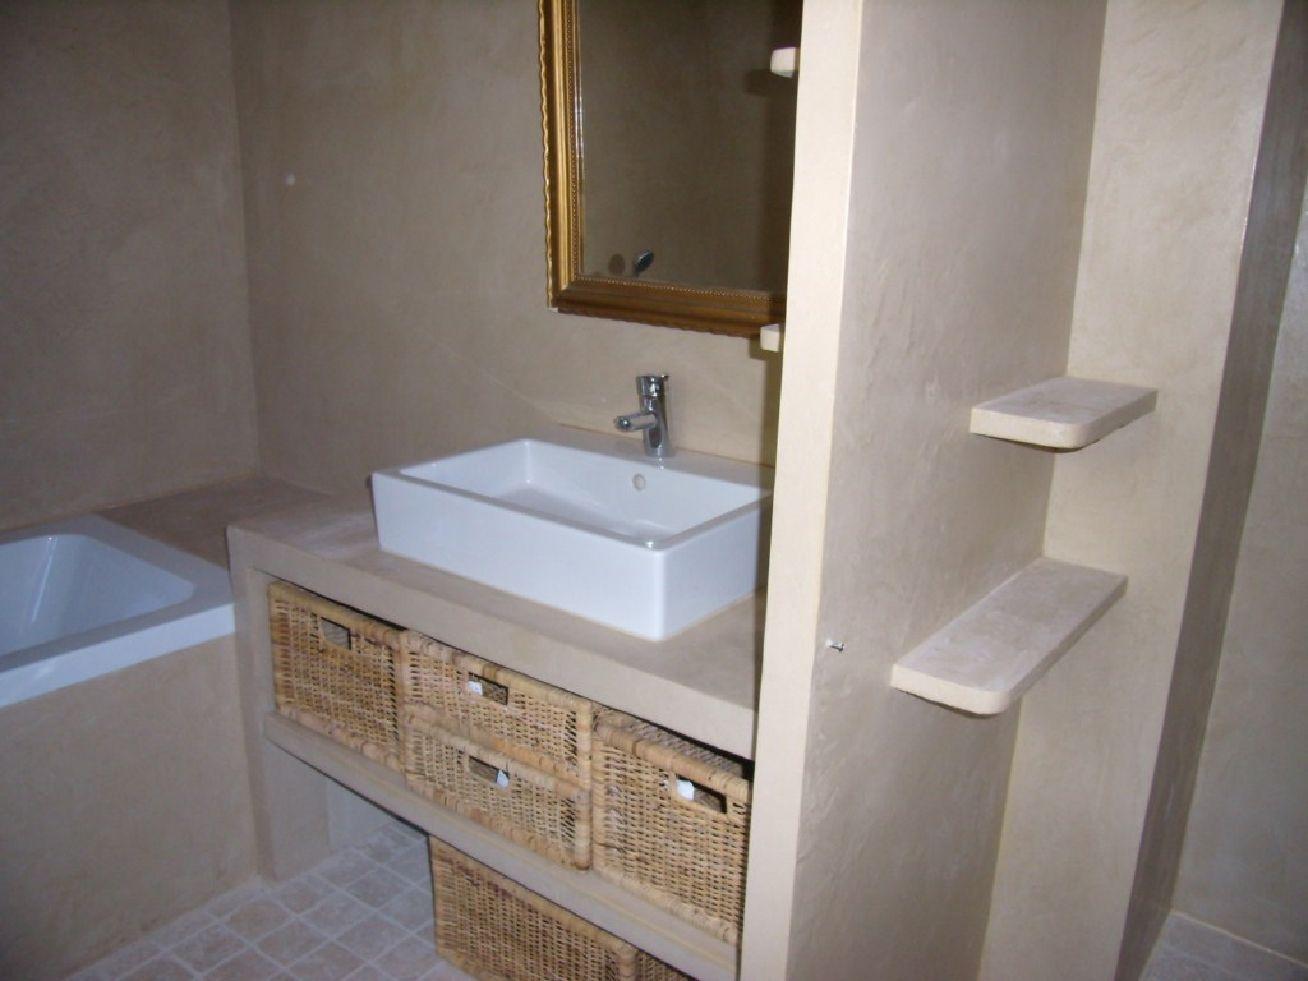 plan de vasque de salle de bain SIPOREX - Recherche Google ...